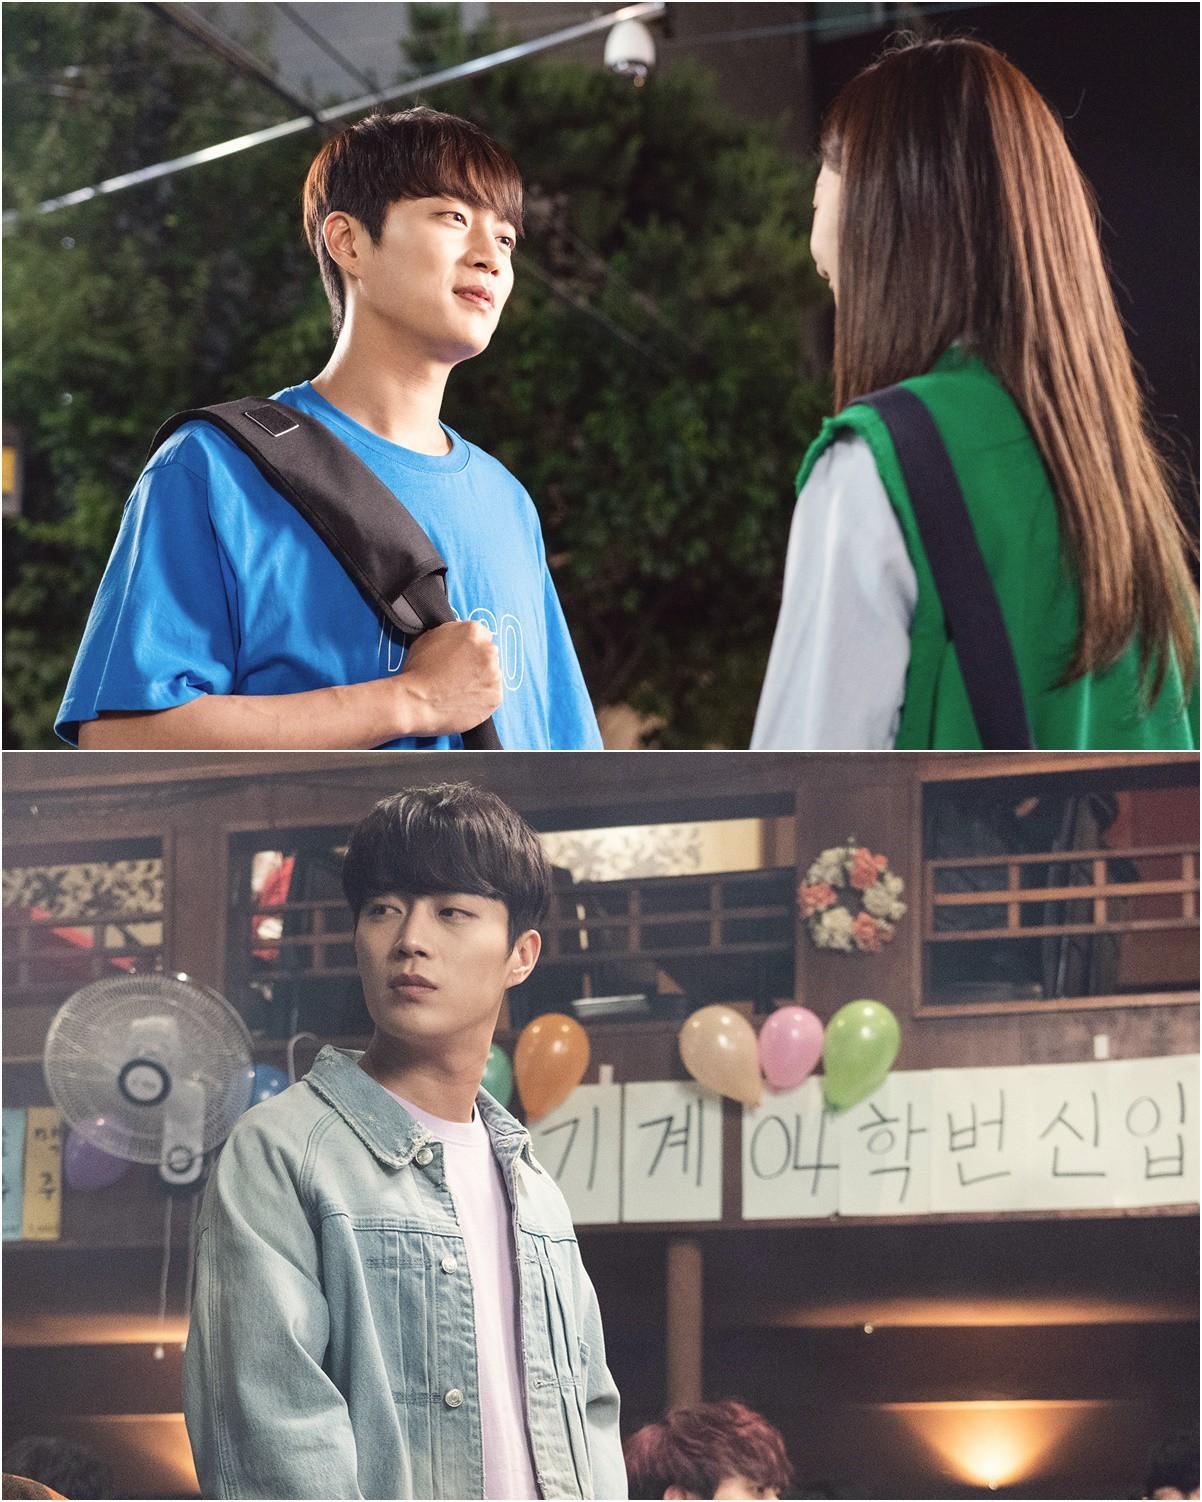 12 phim Hàn lên sóng tháng 7 (Phần 1): Loạt bom tấn được fan chờ đợi cả năm trời đã đổ bộ! - Ảnh 22.